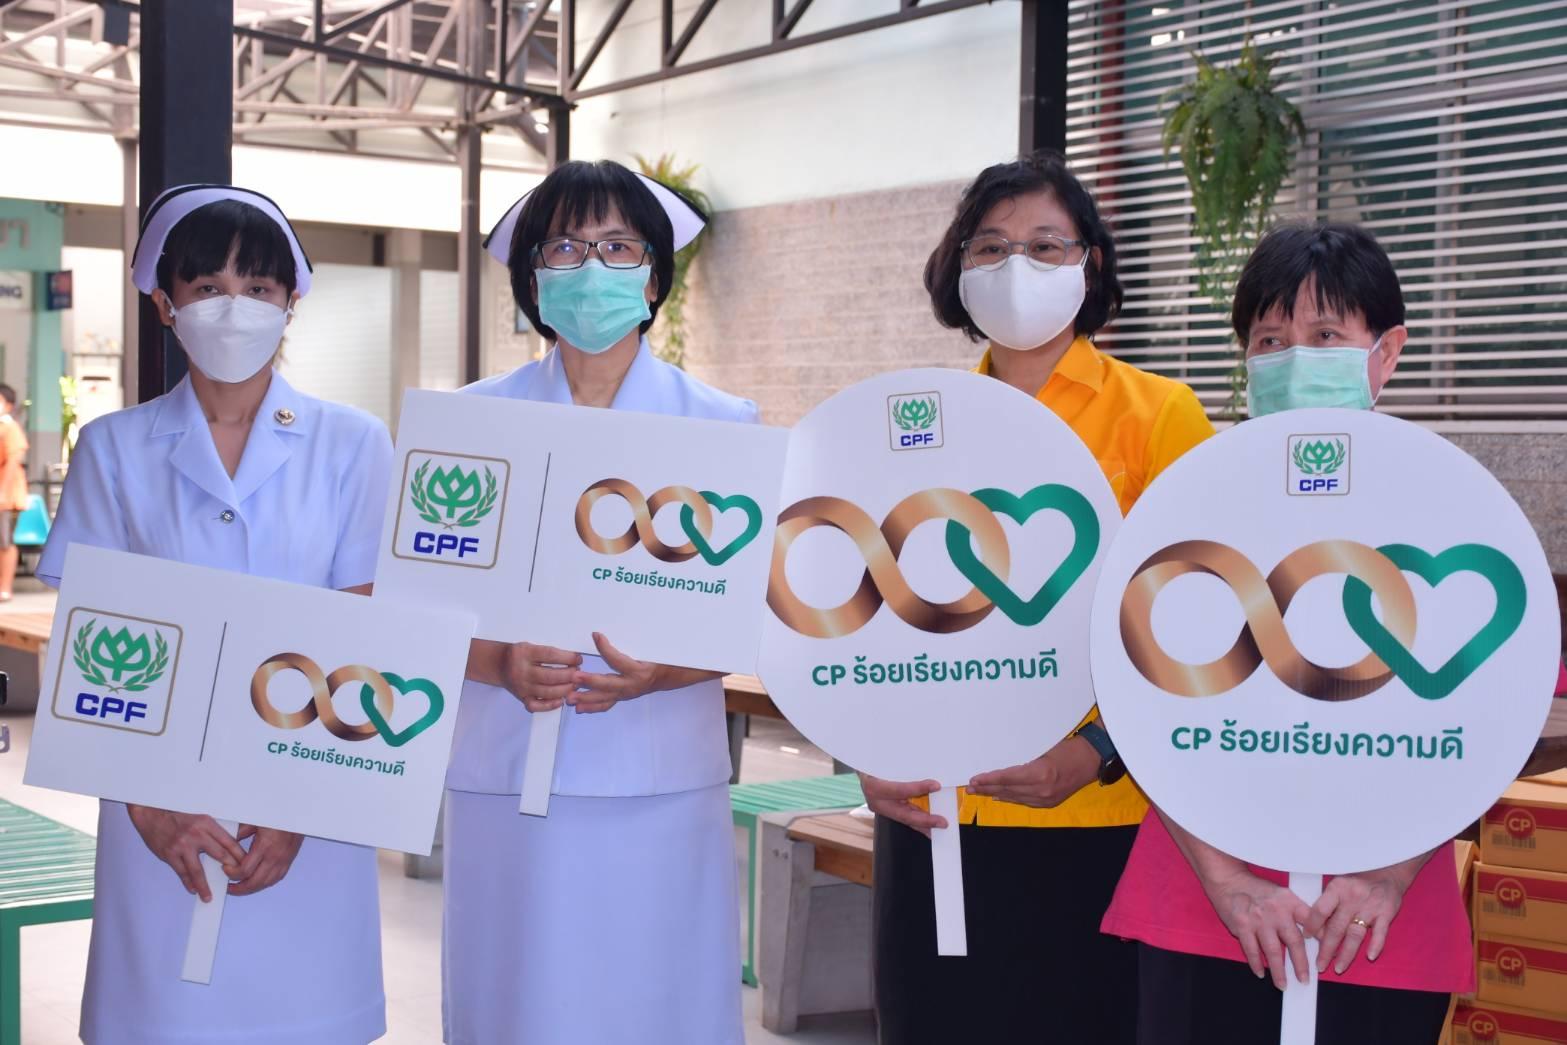 โรงพยาบาลราชบุรี ขอบคุณซีพีเอฟ เดินหน้าส่งอาหารจากใจร่วมต้านภัยโควิด